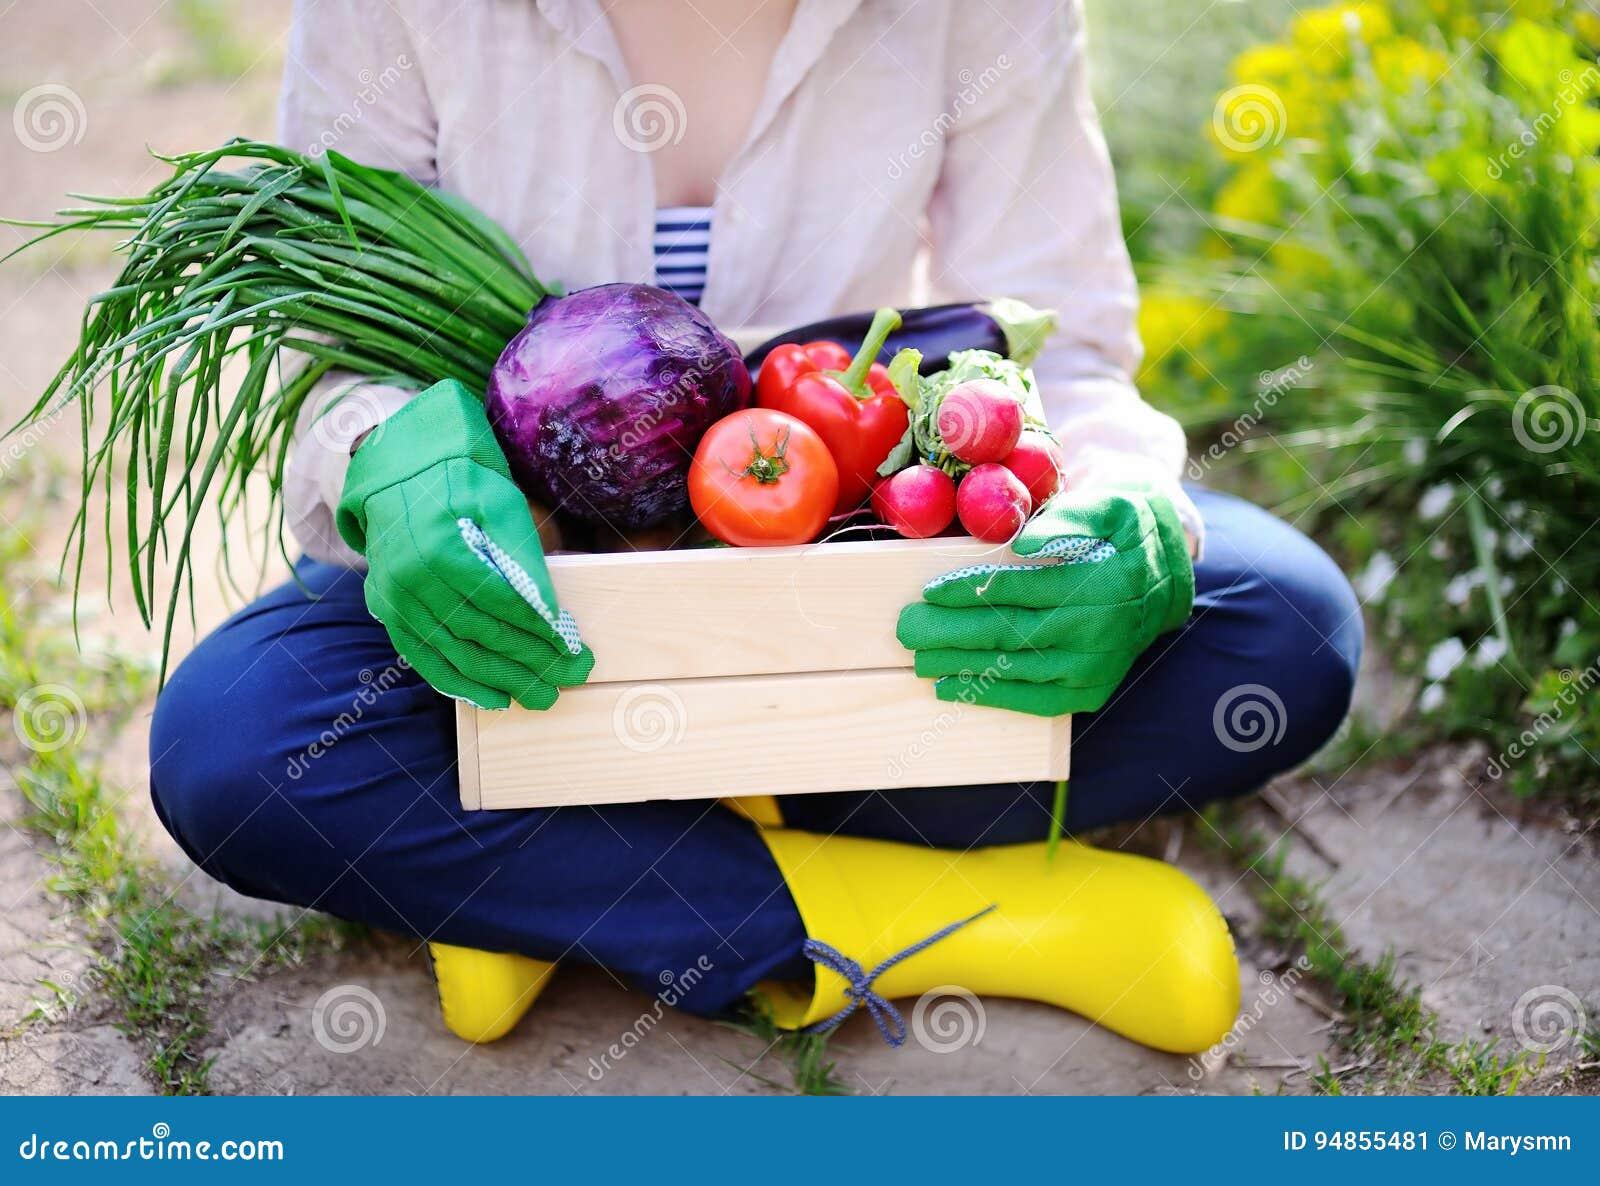 拿着有新鲜的有机菜的花匠木板箱从农场